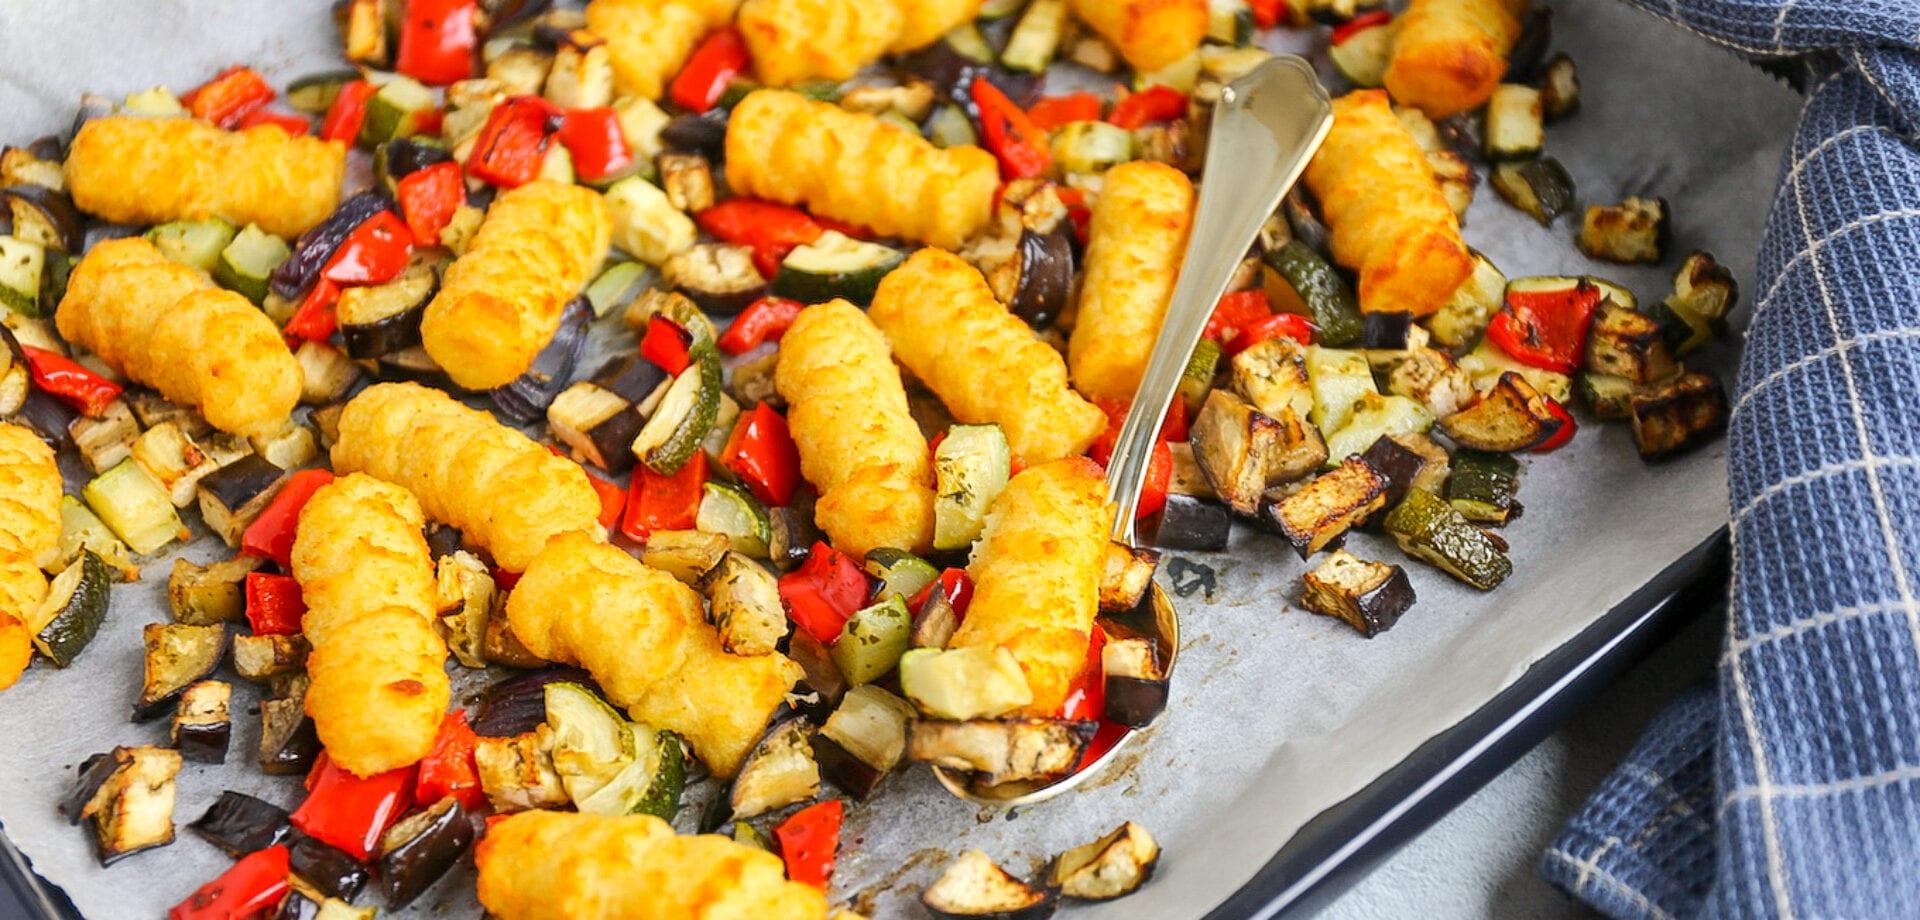 bakplaat met aardappelkroketjes